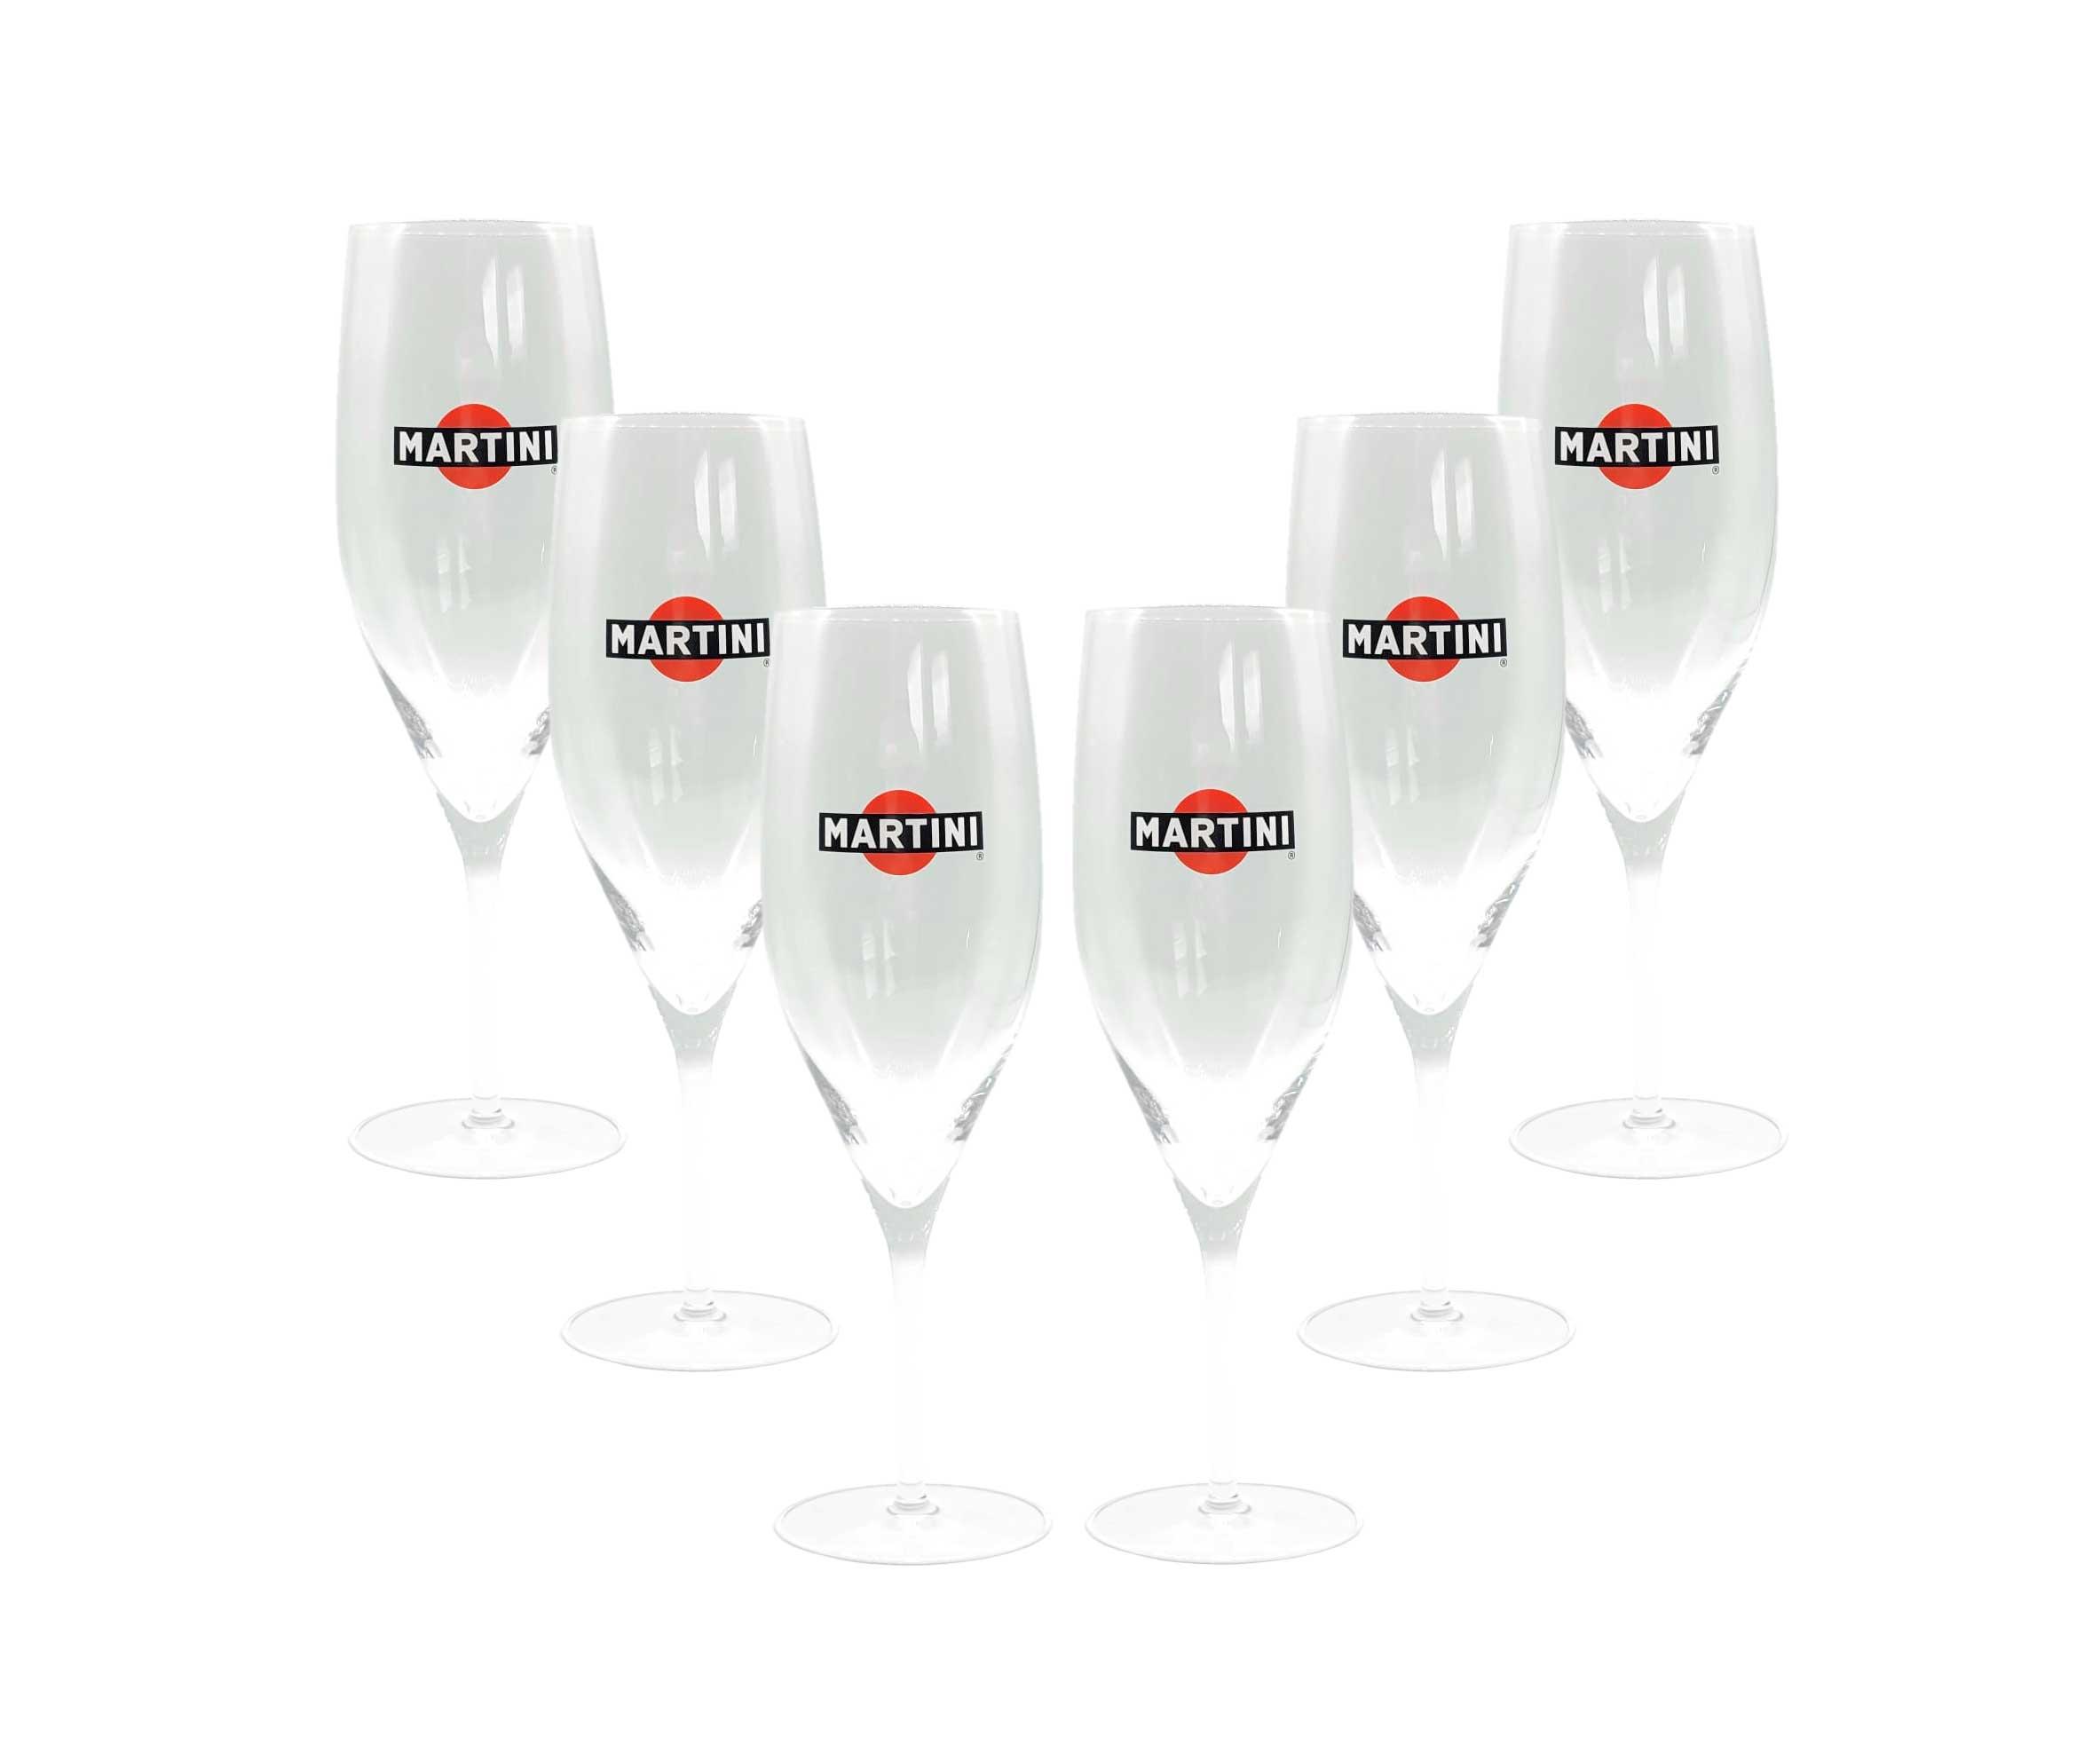 Martini Prosecco Flöten Gläser Set - 6x Sektglas